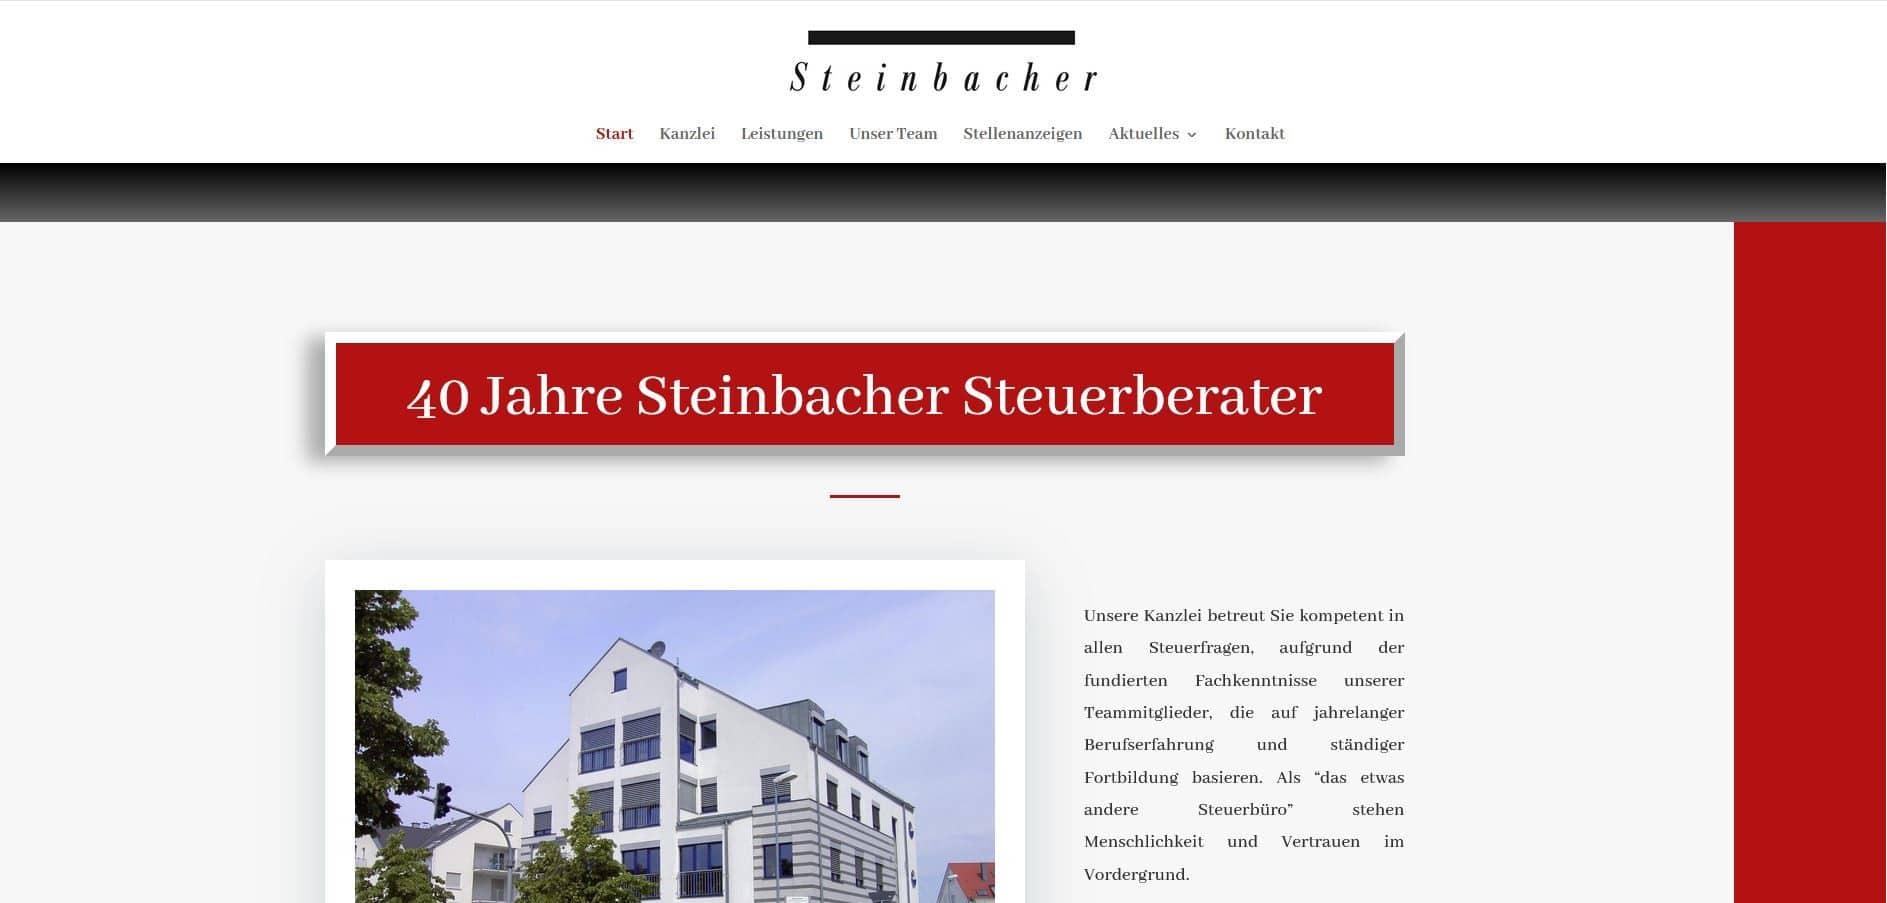 Steinbacher Steuerberater